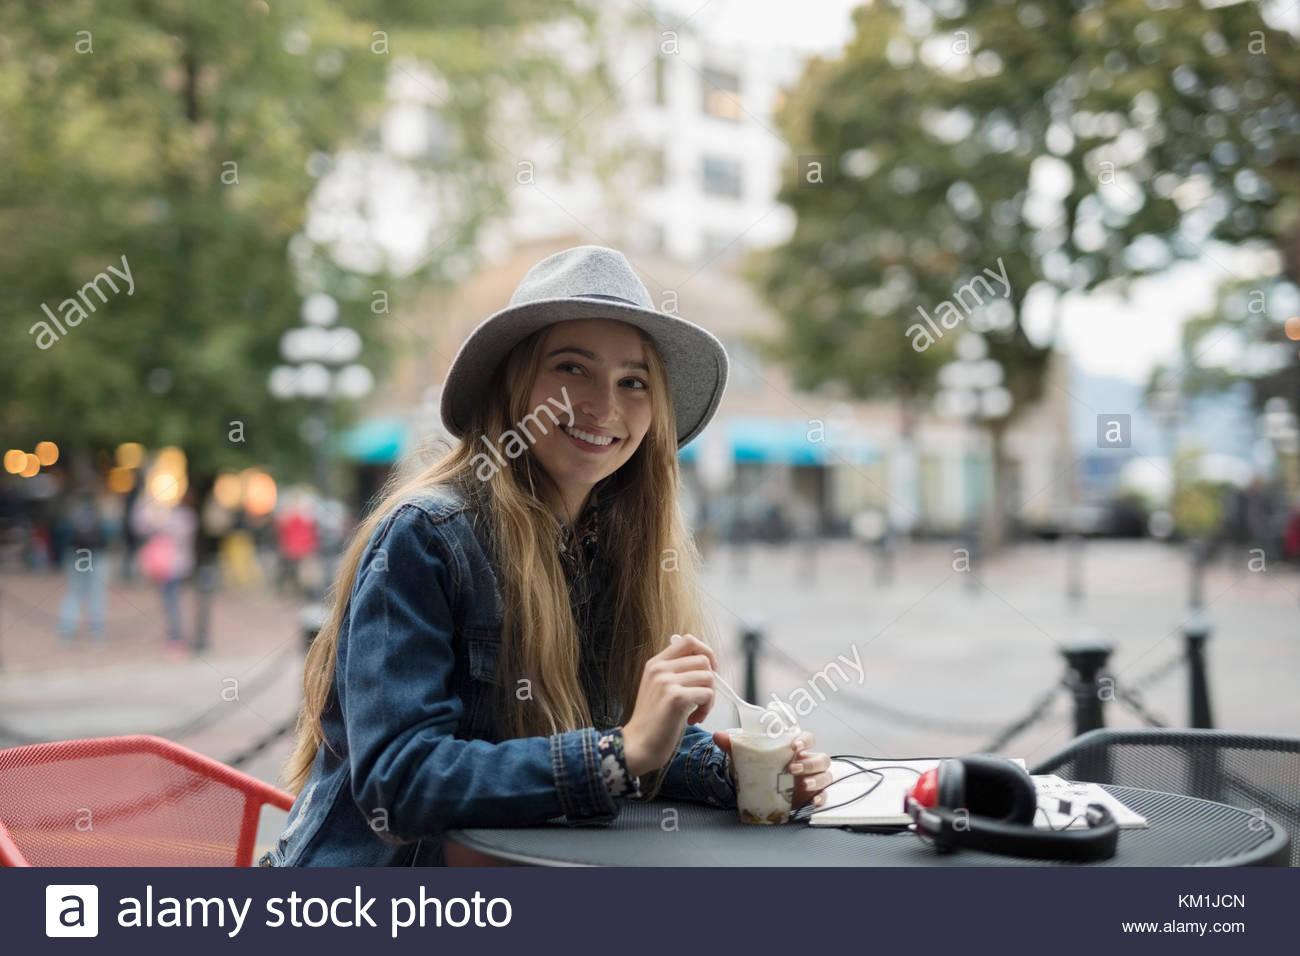 Ritratto sorridente giovane donna a mangiare il gelato a livello urbano sidewalk cafe Immagini Stock